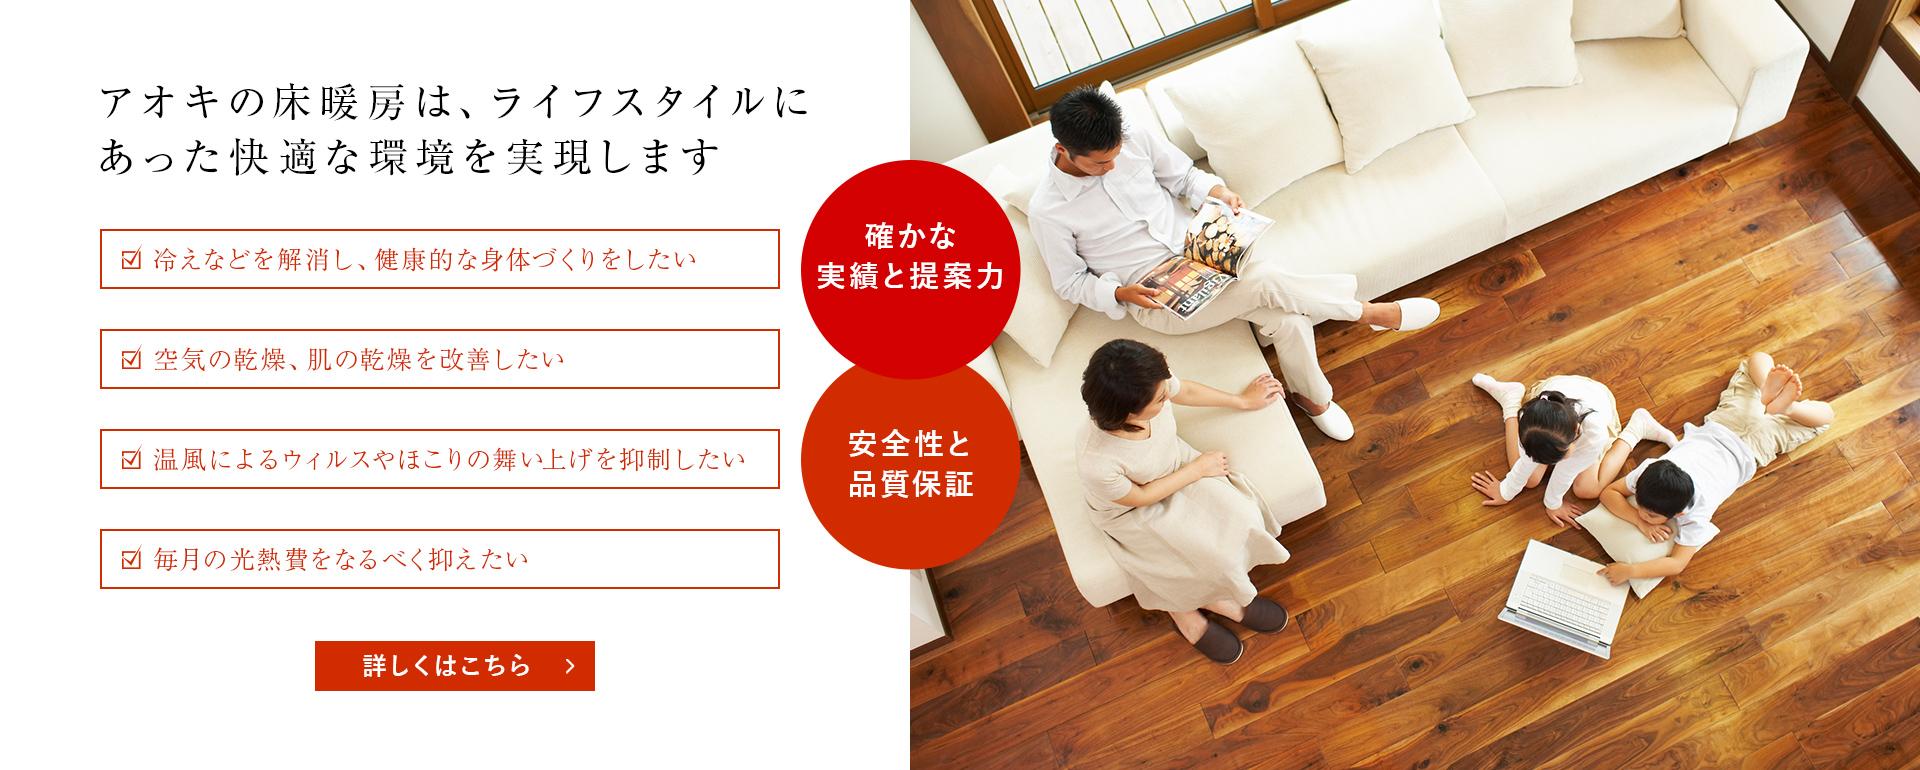 アオキから床暖房のご提案